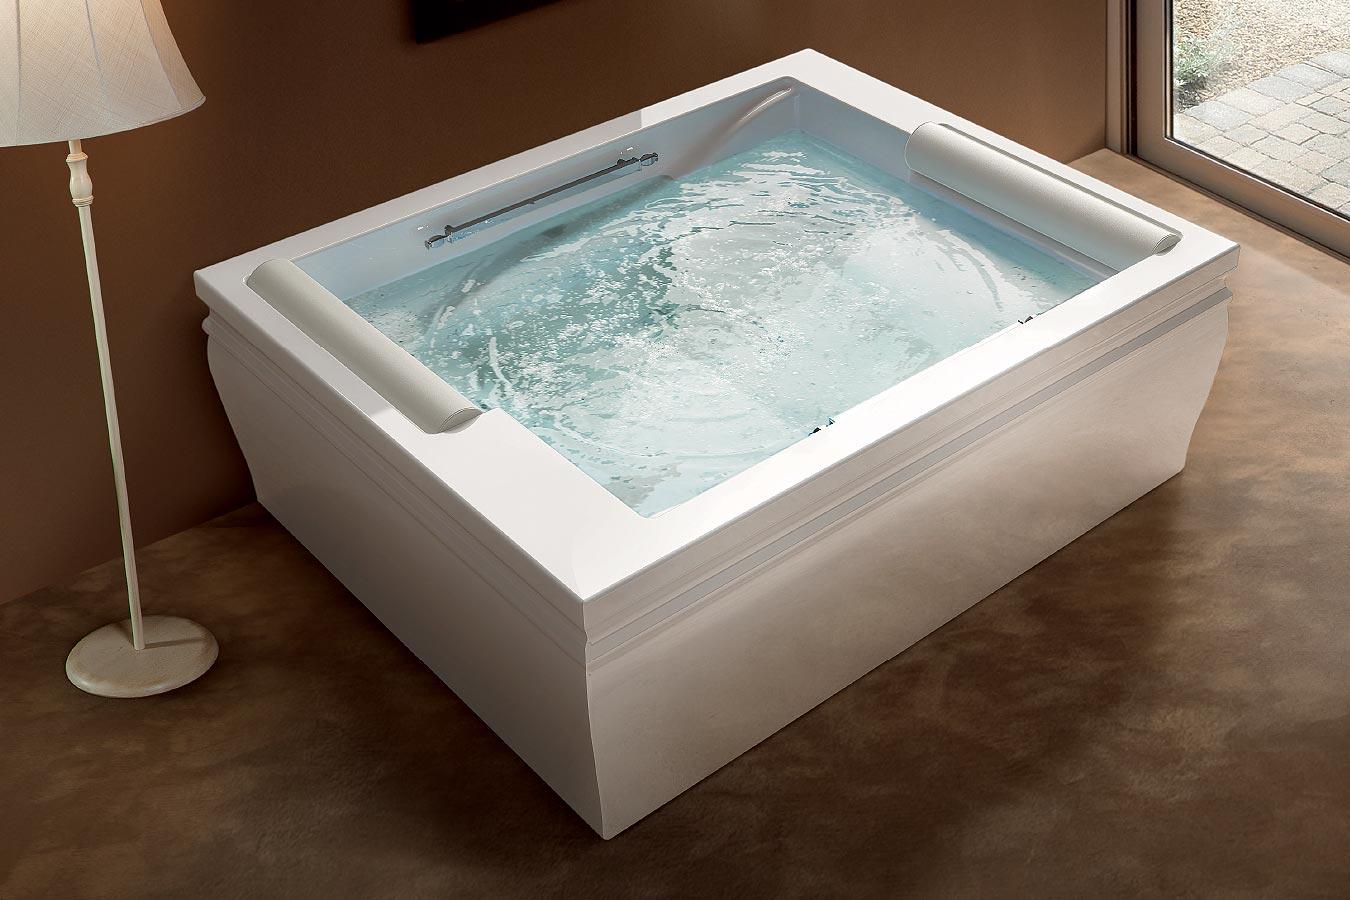 Vasca Da Bagno Treesse : Treesse vasche e cabine di qualità. scopri i modelli da euroedil